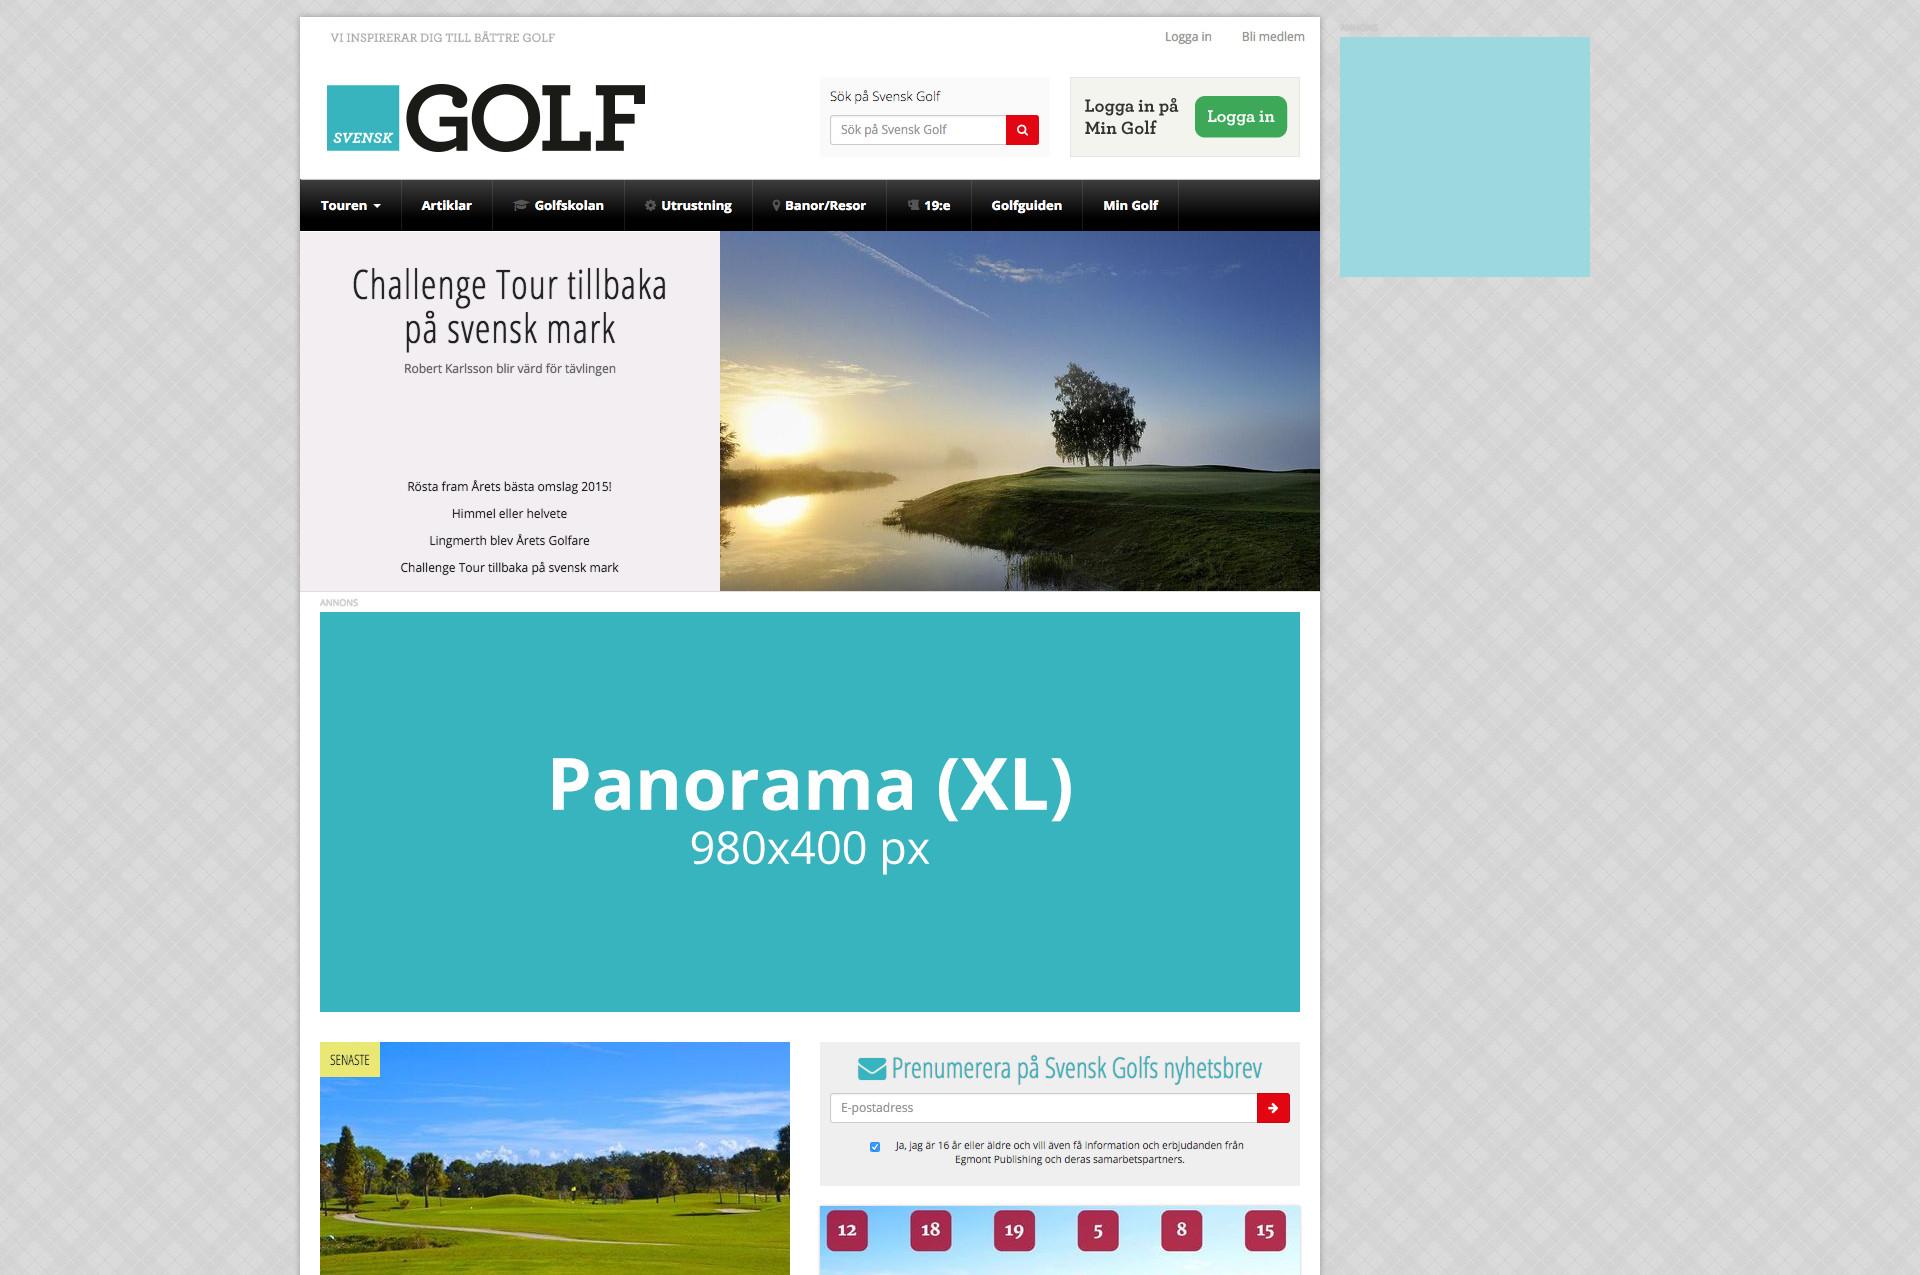 Panorama (XL)